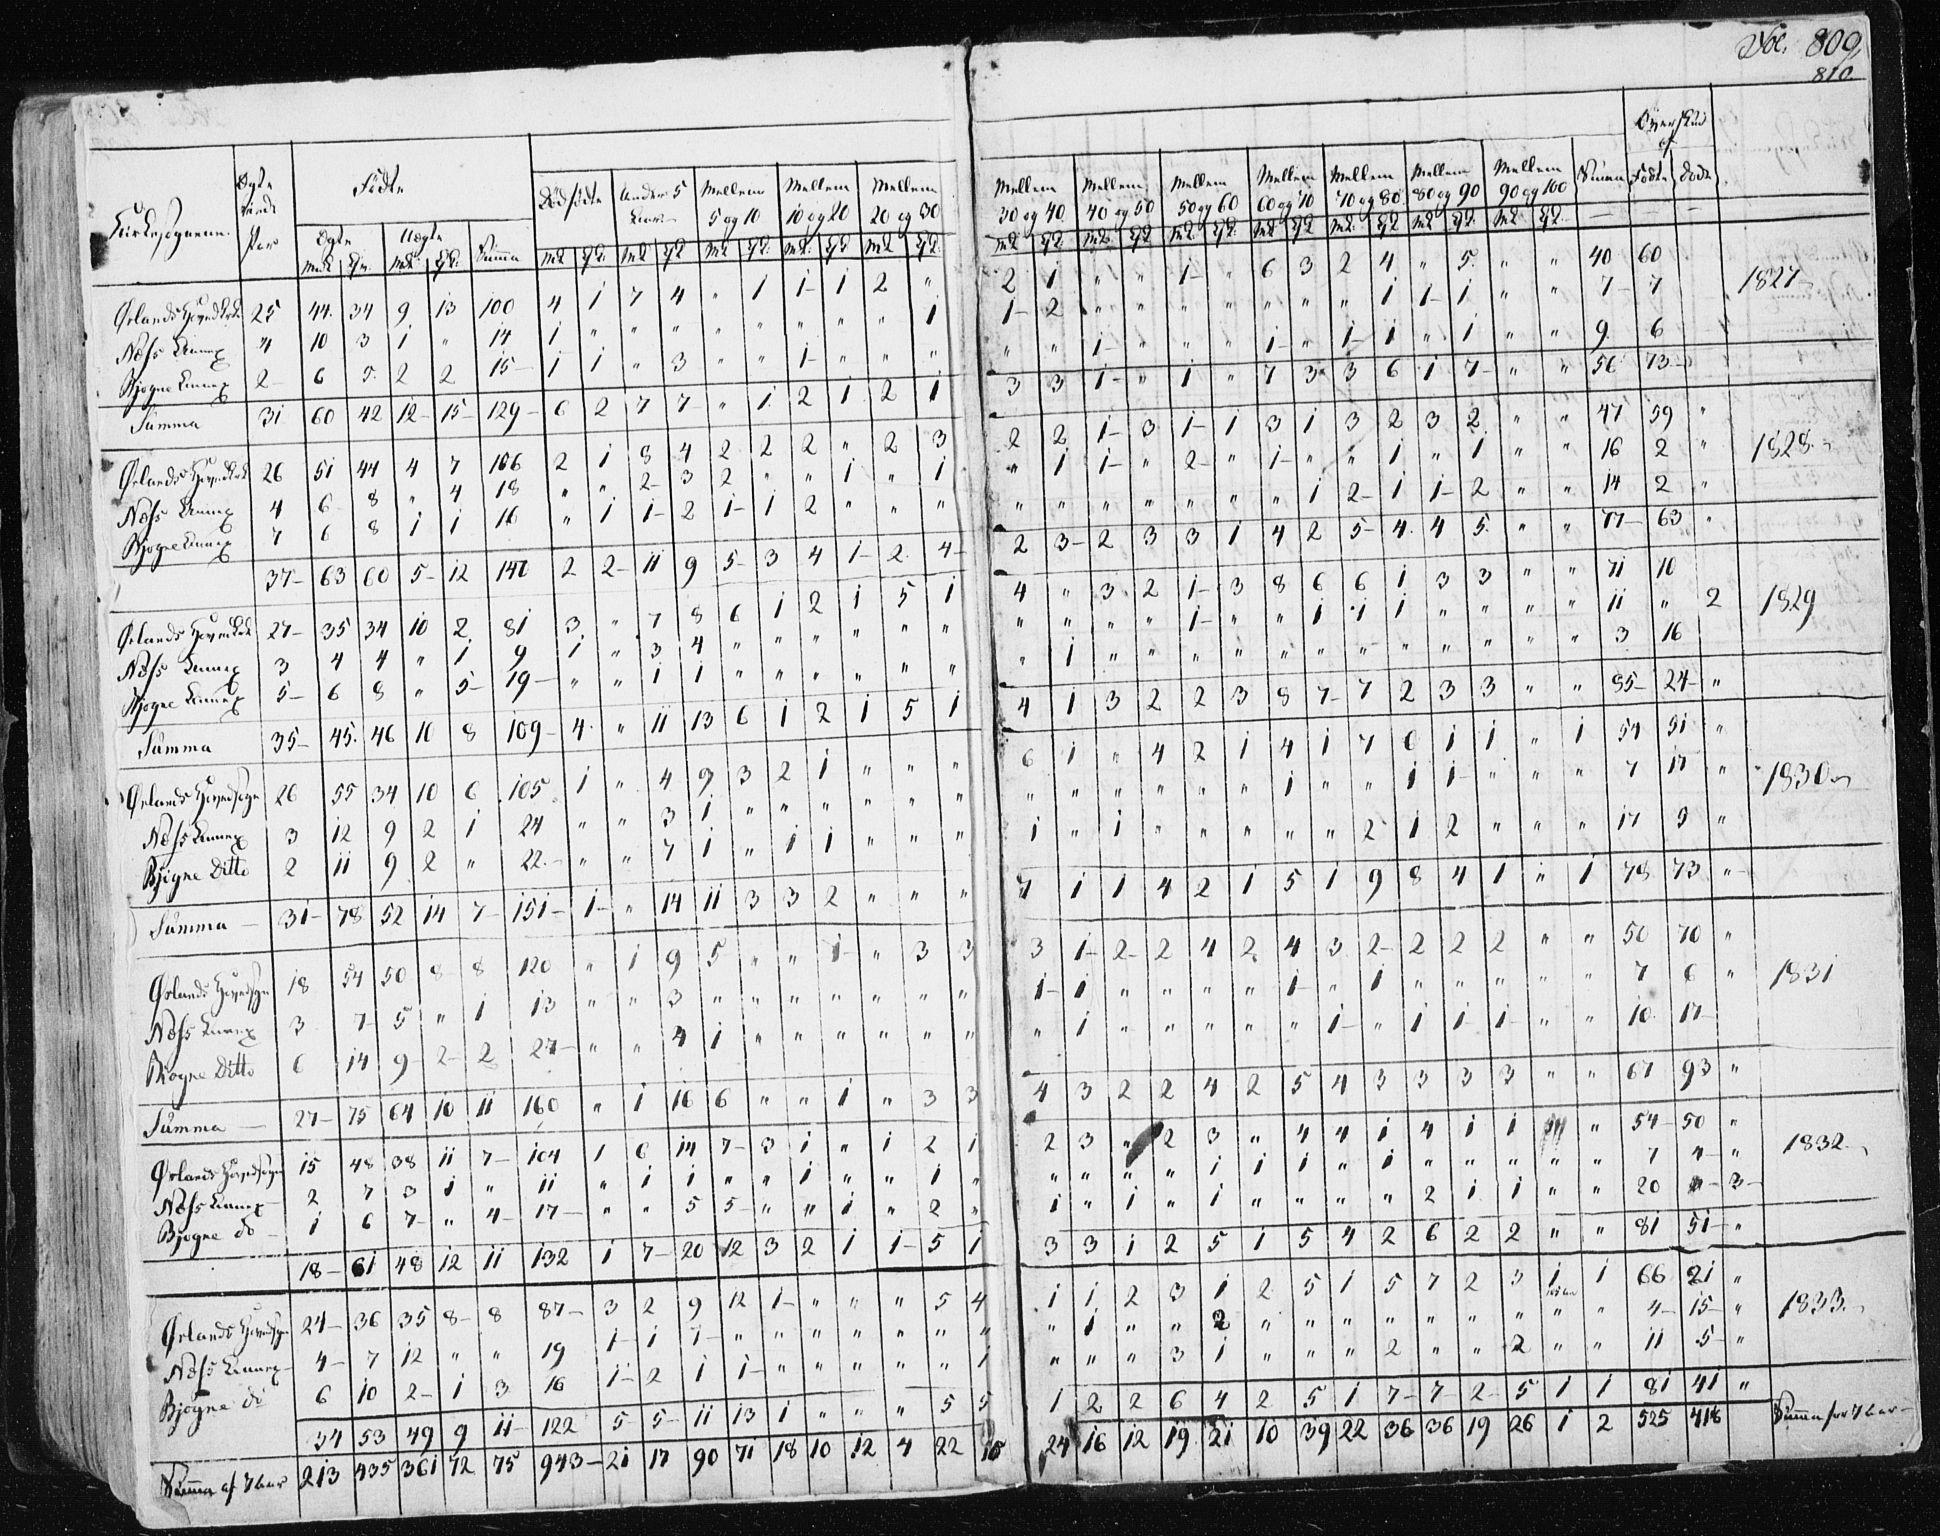 SAT, Ministerialprotokoller, klokkerbøker og fødselsregistre - Sør-Trøndelag, 659/L0735: Ministerialbok nr. 659A05, 1826-1841, s. 809